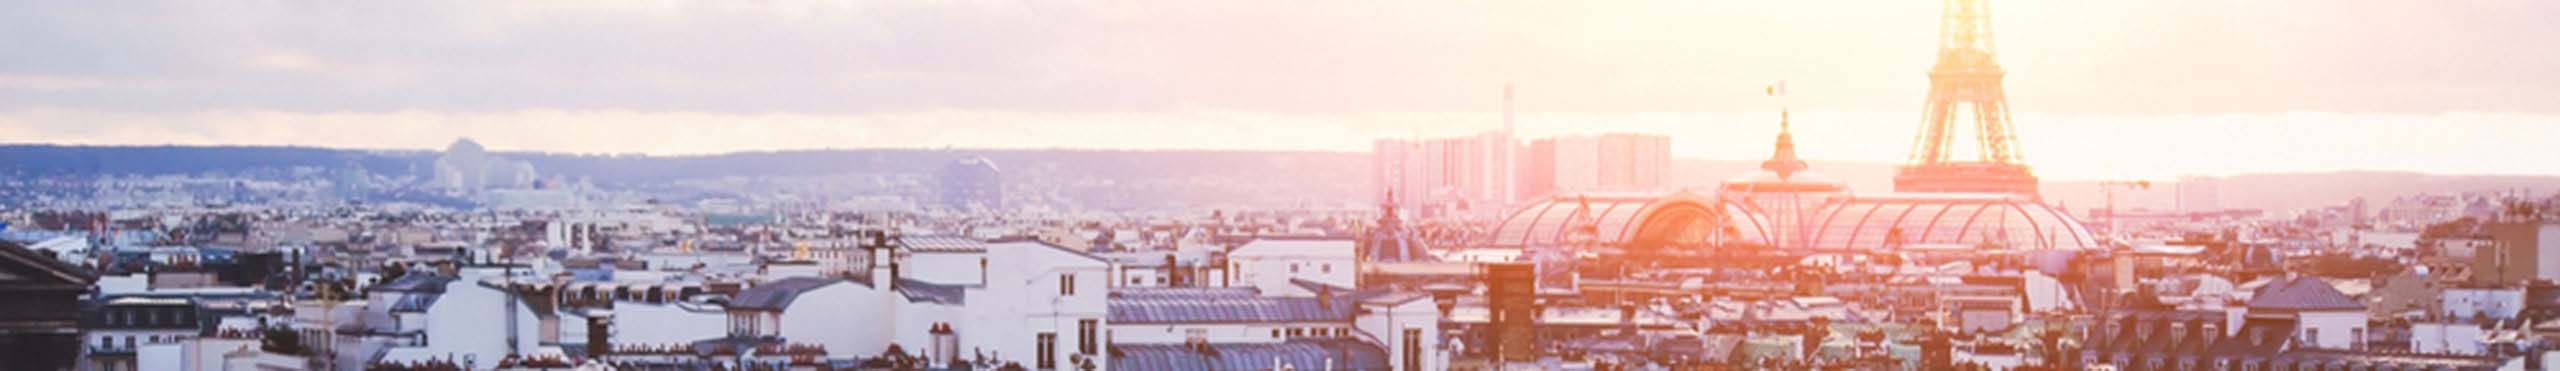 Les prix immobiliers continuent de flamber à Paris, menaces ou opportunités?